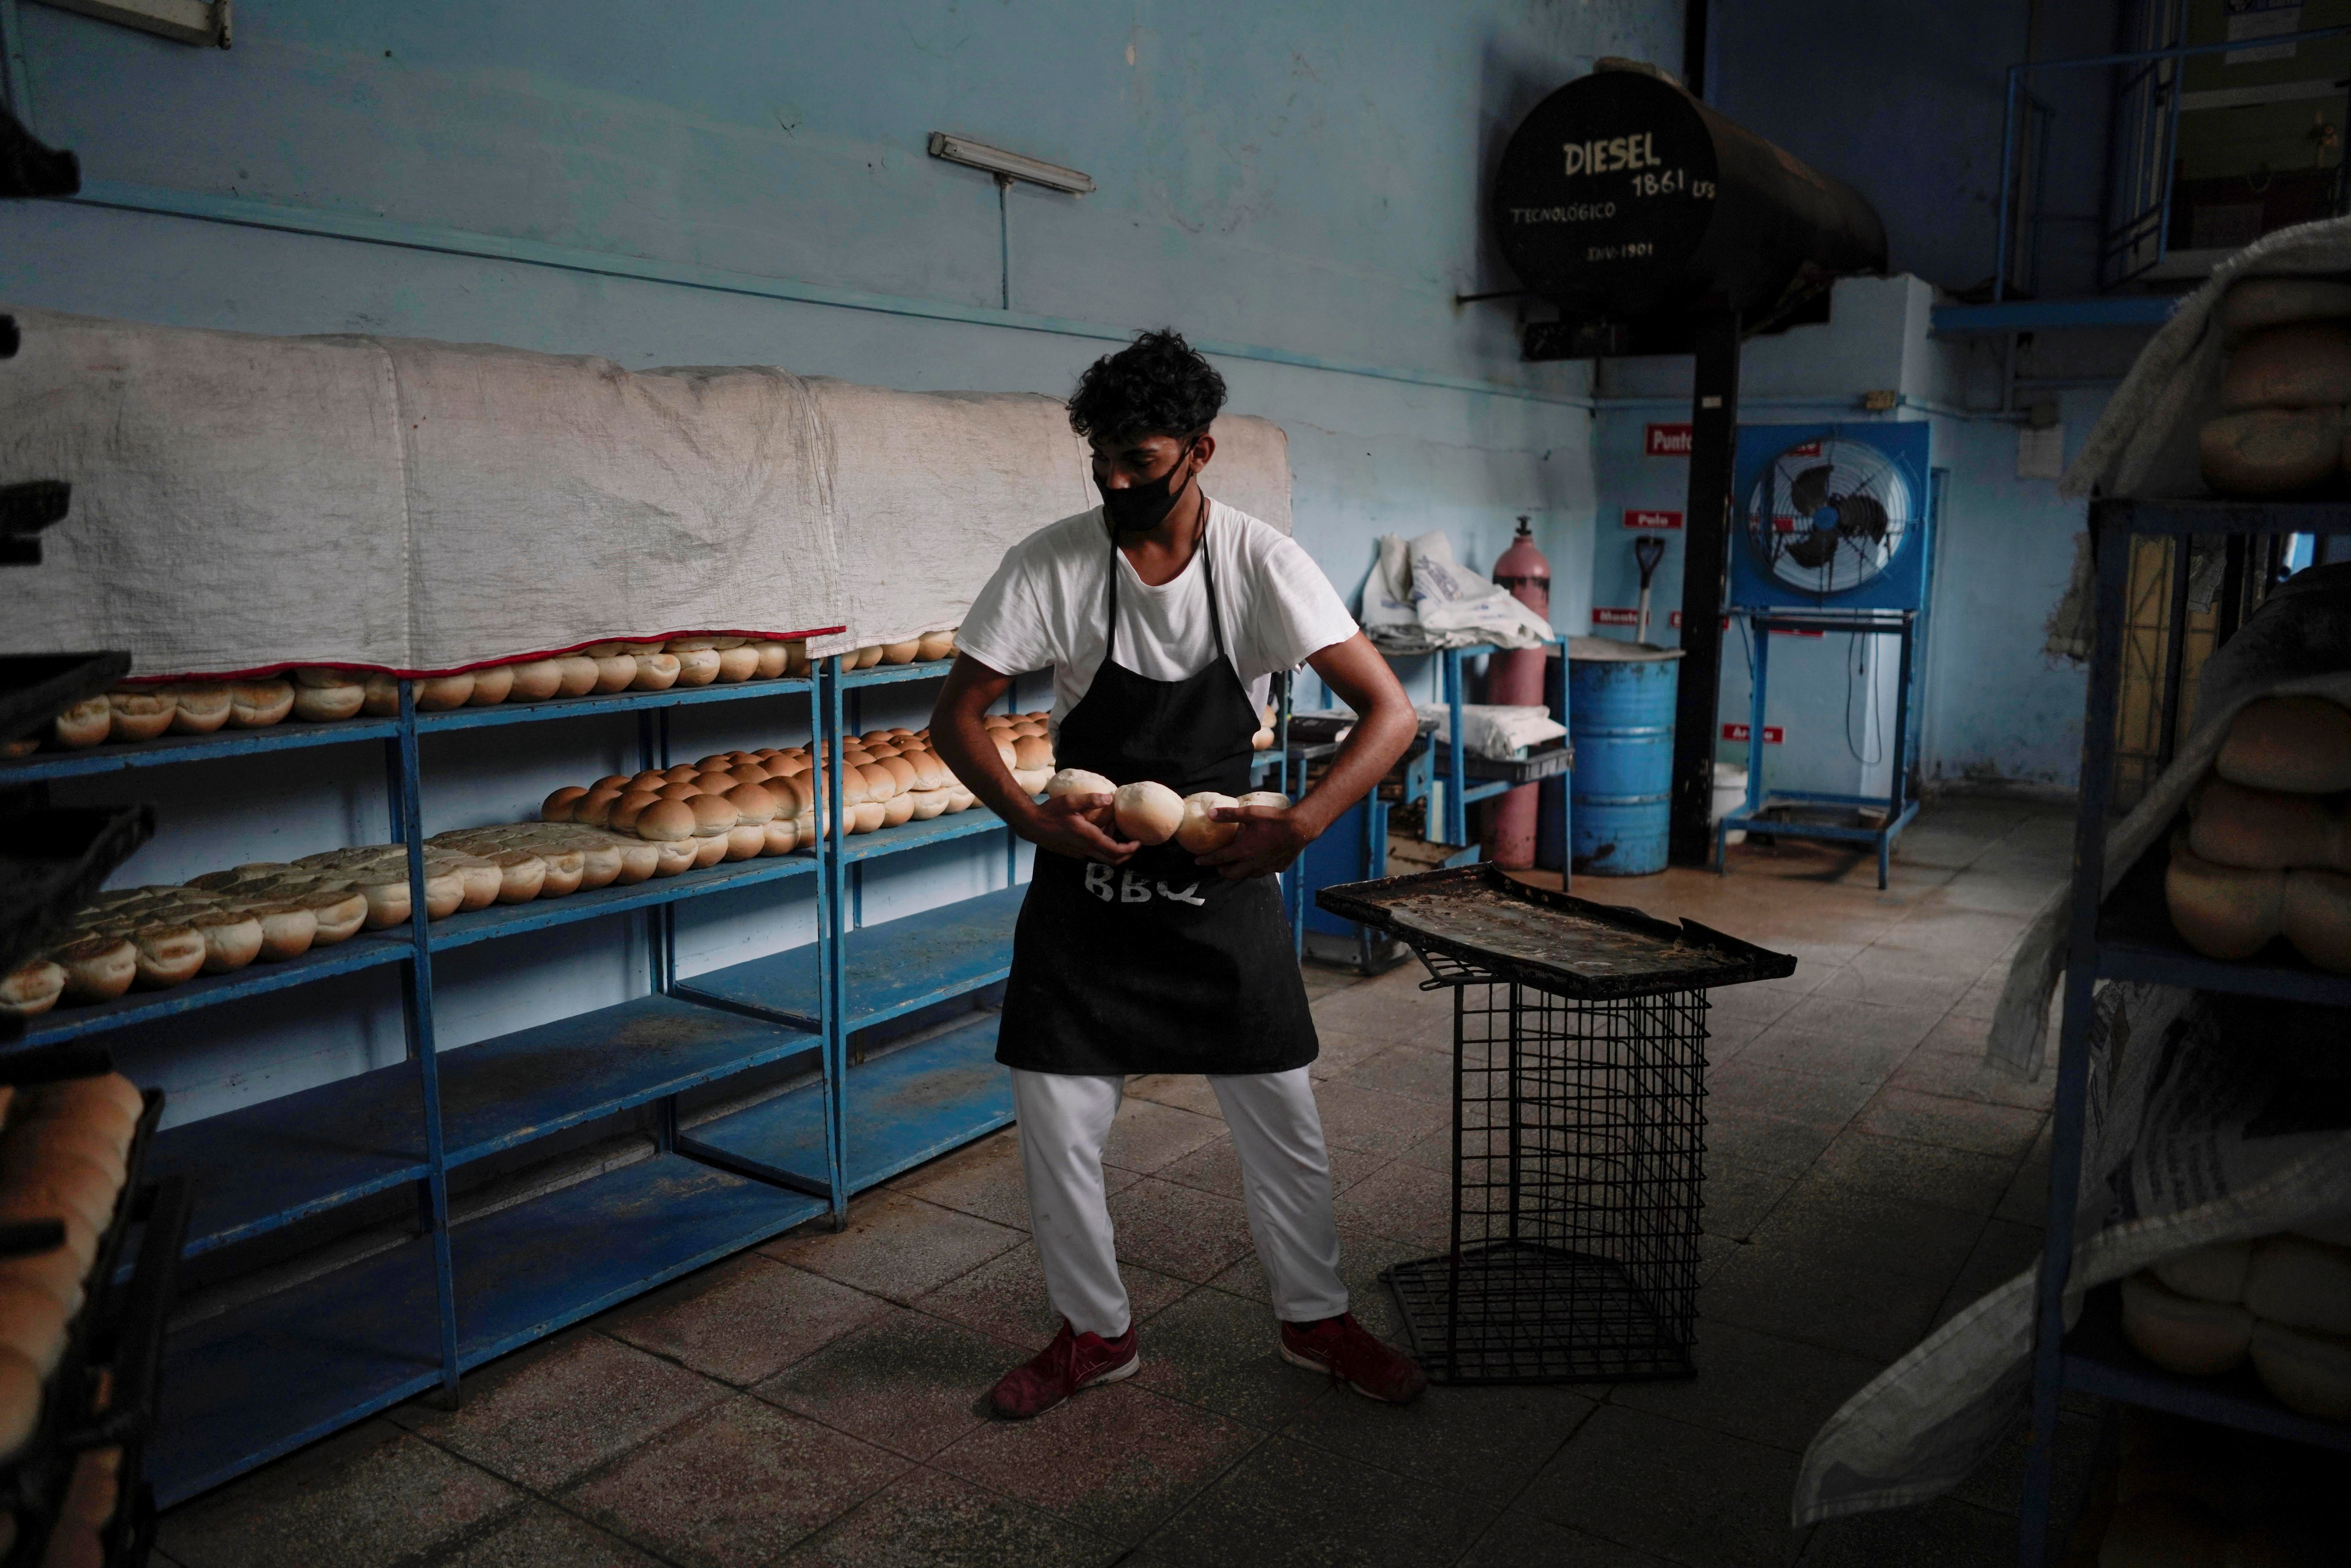 An employee carries bread inside a bakery in Havana, Cuba, May 18, 2021. Picture taken on May 18, 2021. REUTERS/Alexandre Meneghini